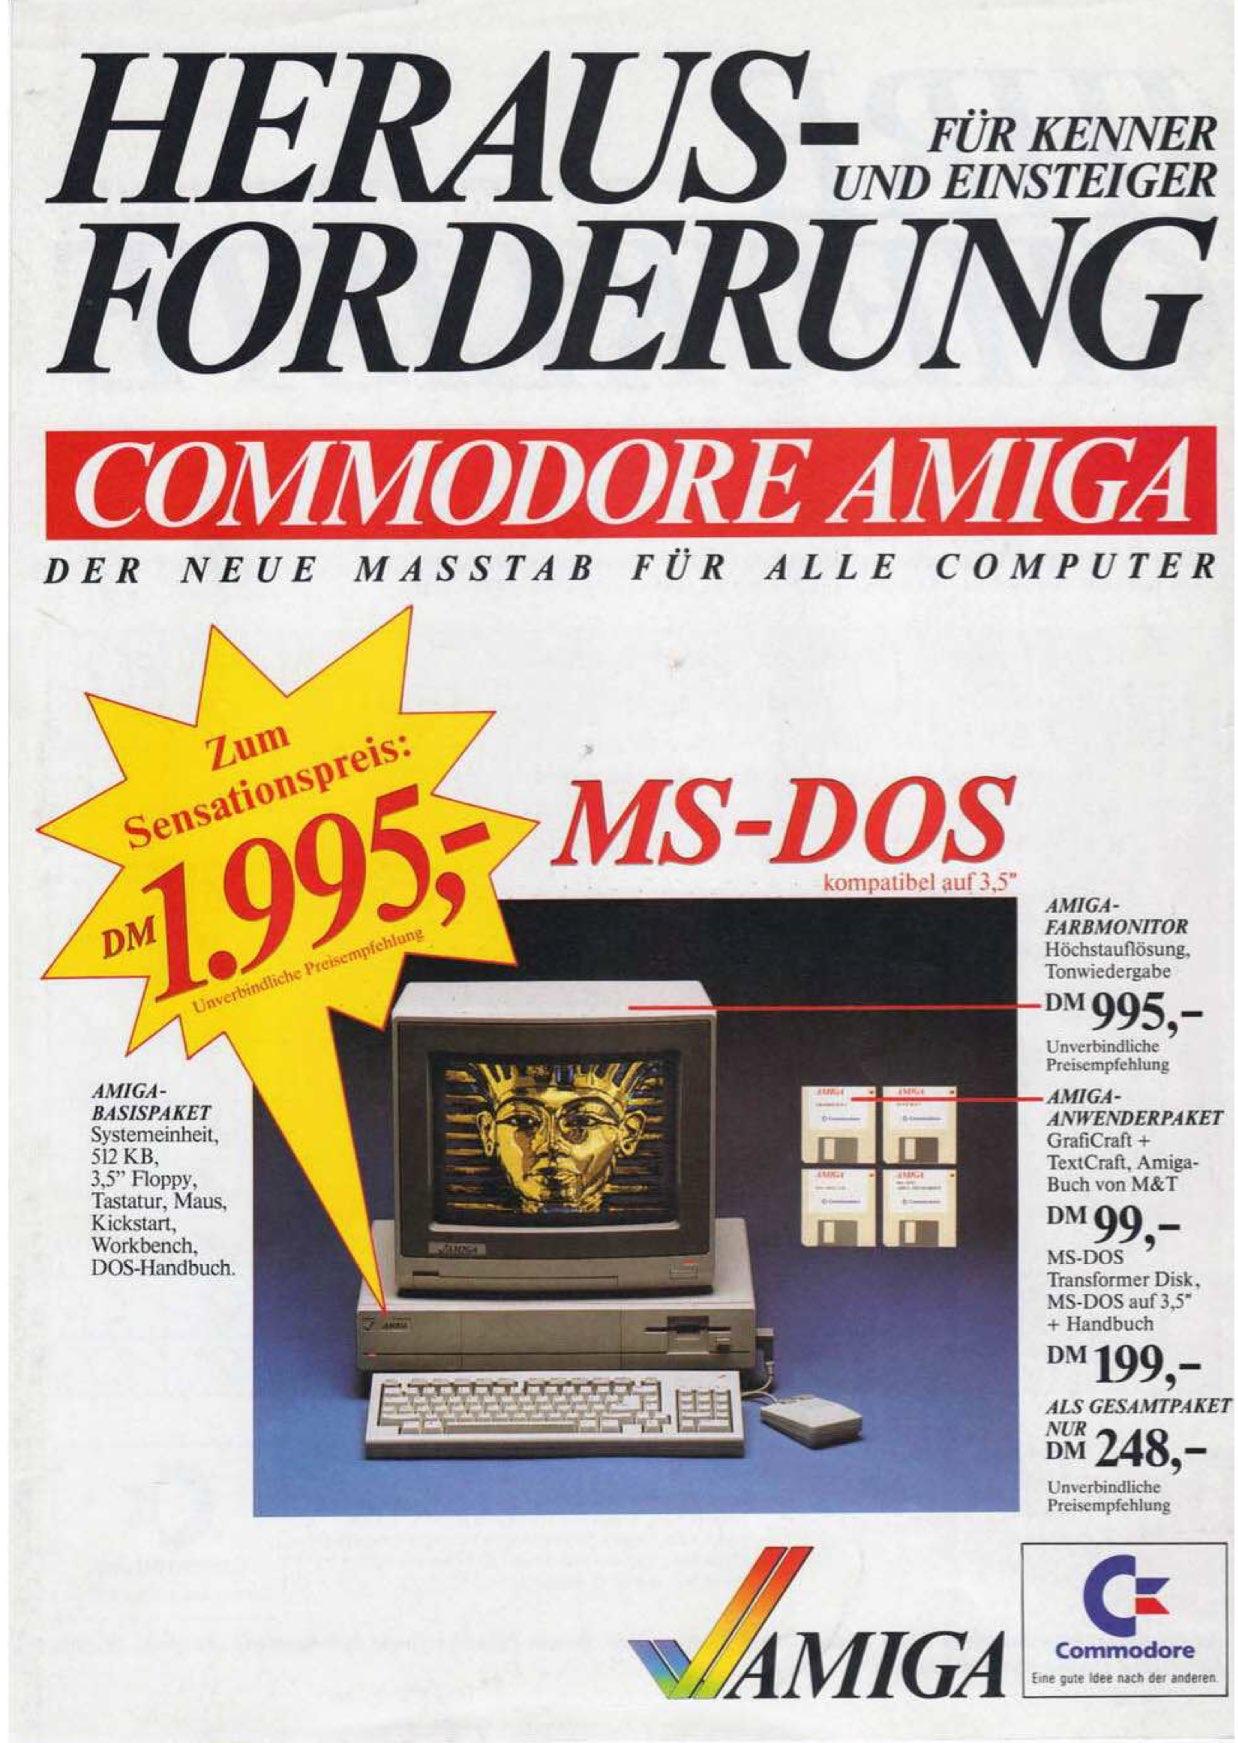 Nachdem der Preis für den Amiga 1000 auf 1.995,- gefallen war, habe ich sofort zugegriffen. (Bild: Commodore Werbung)